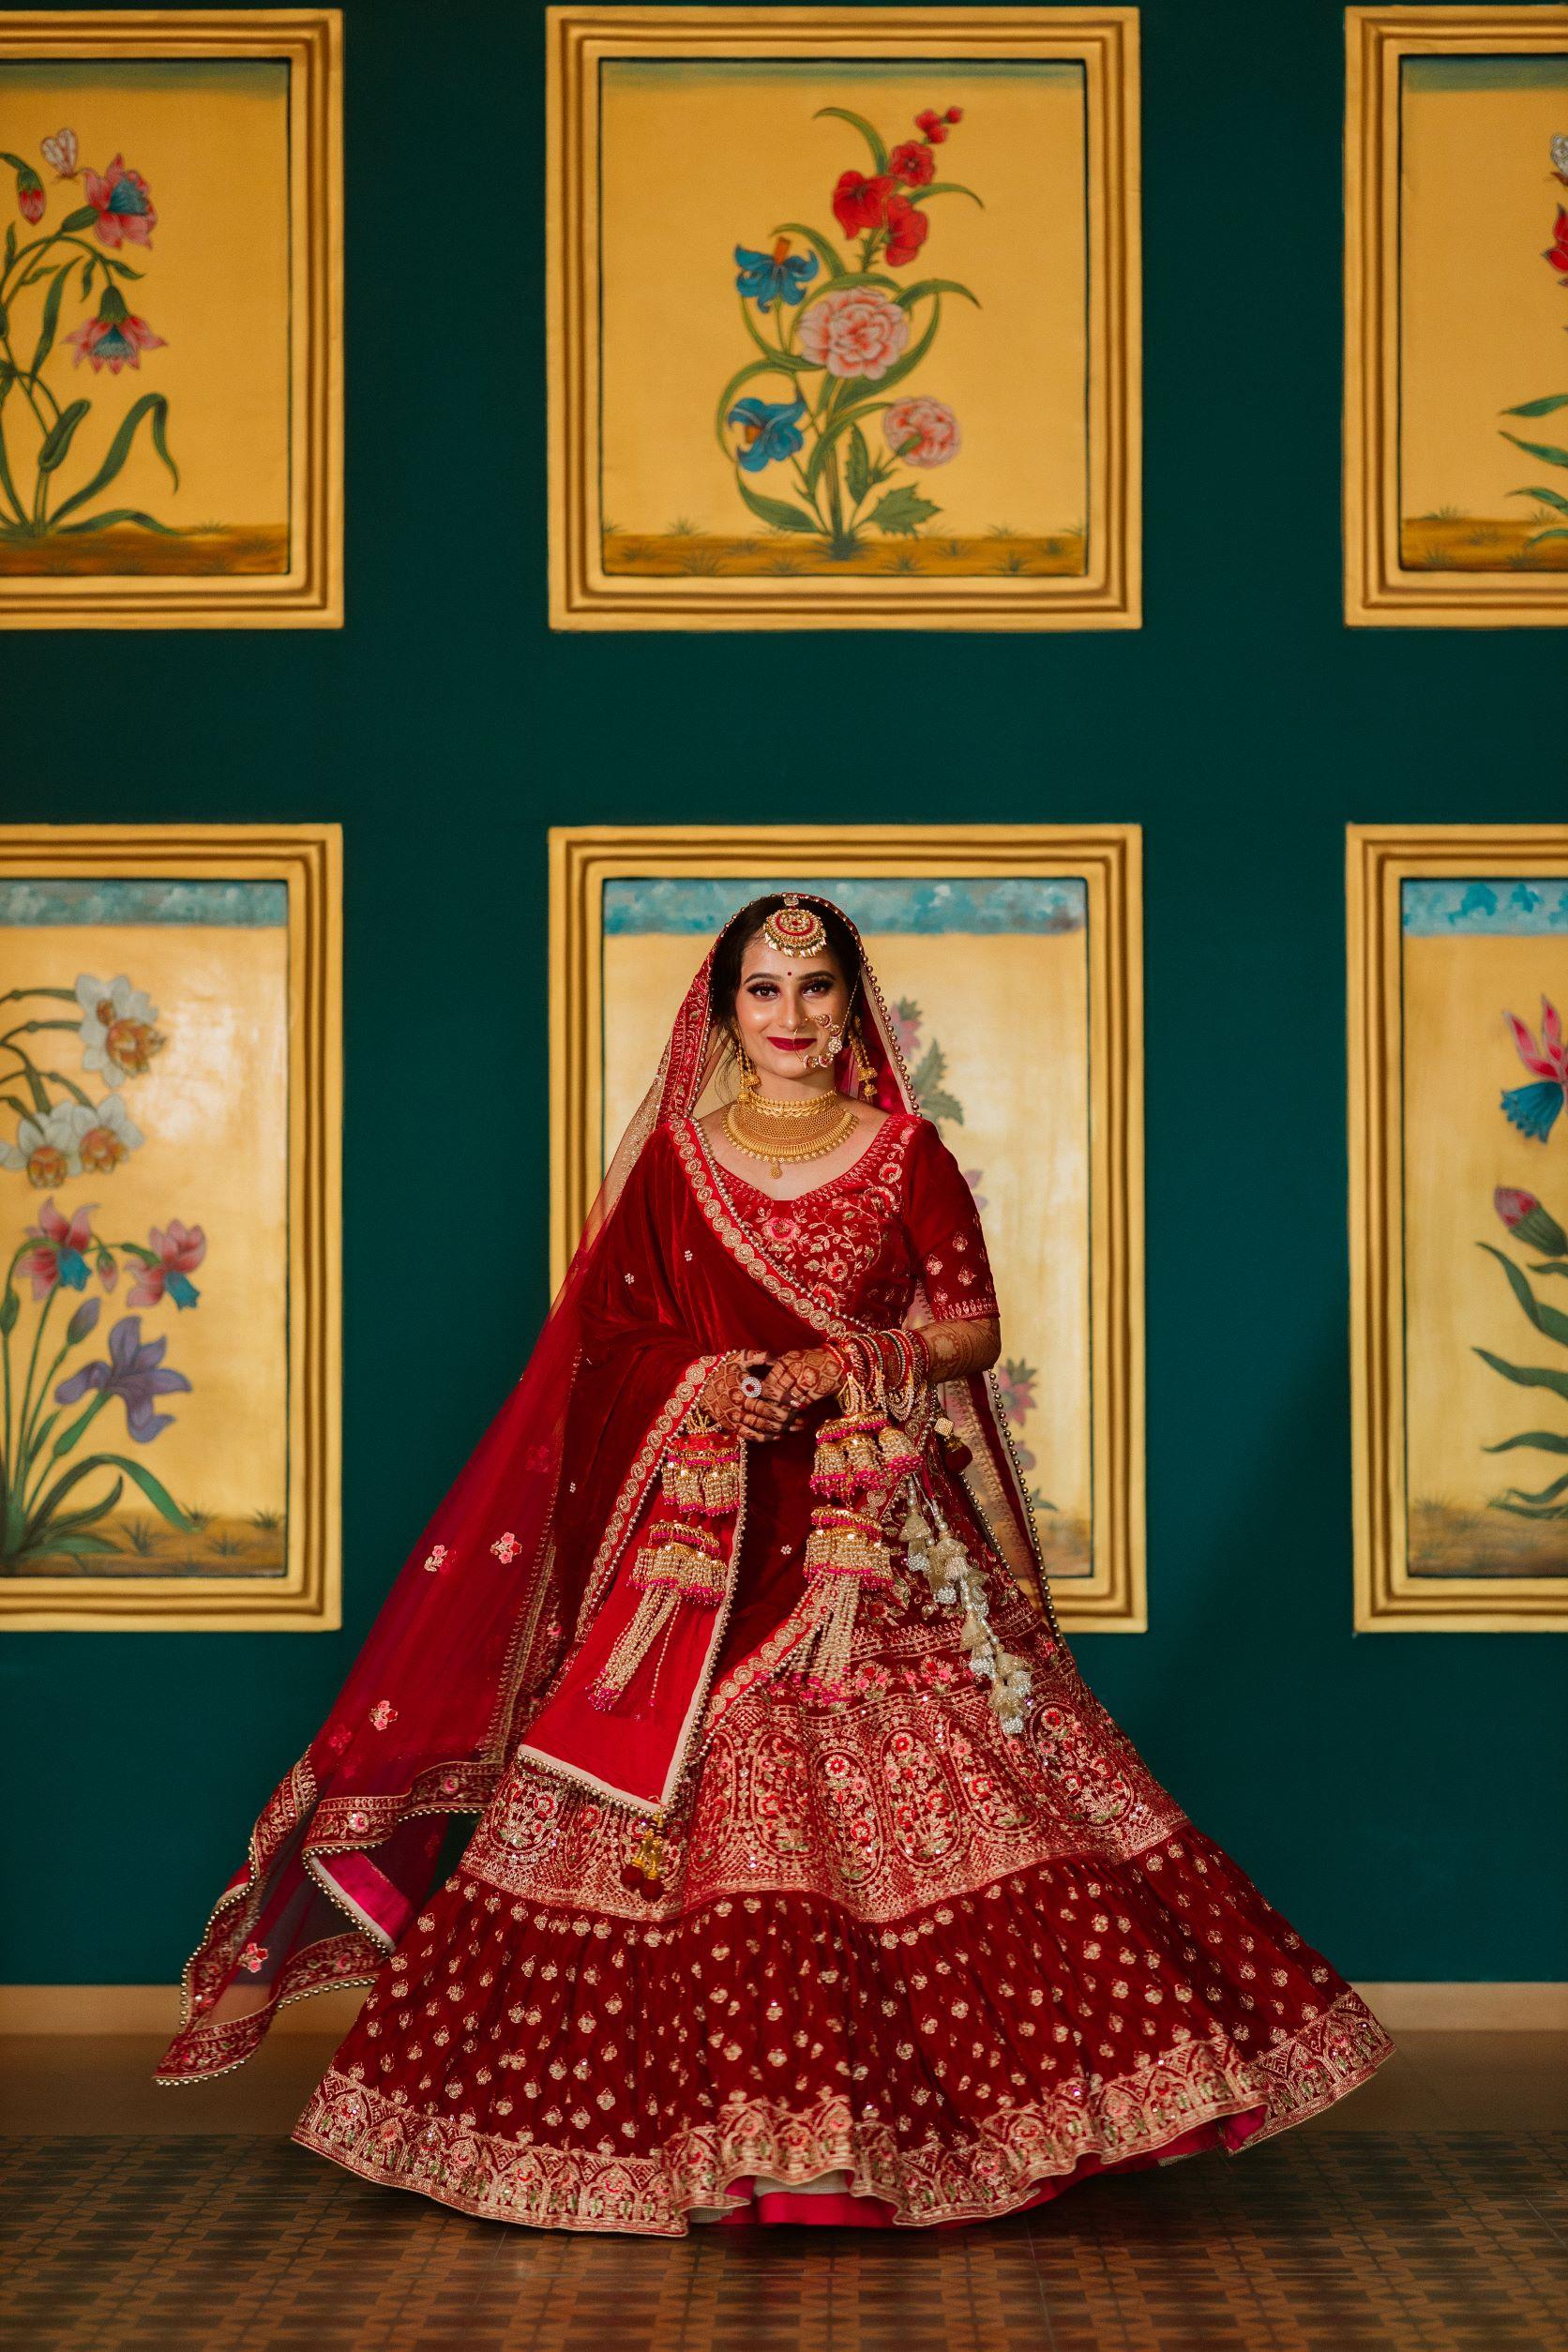 tradtional bride in red bridal lehenga